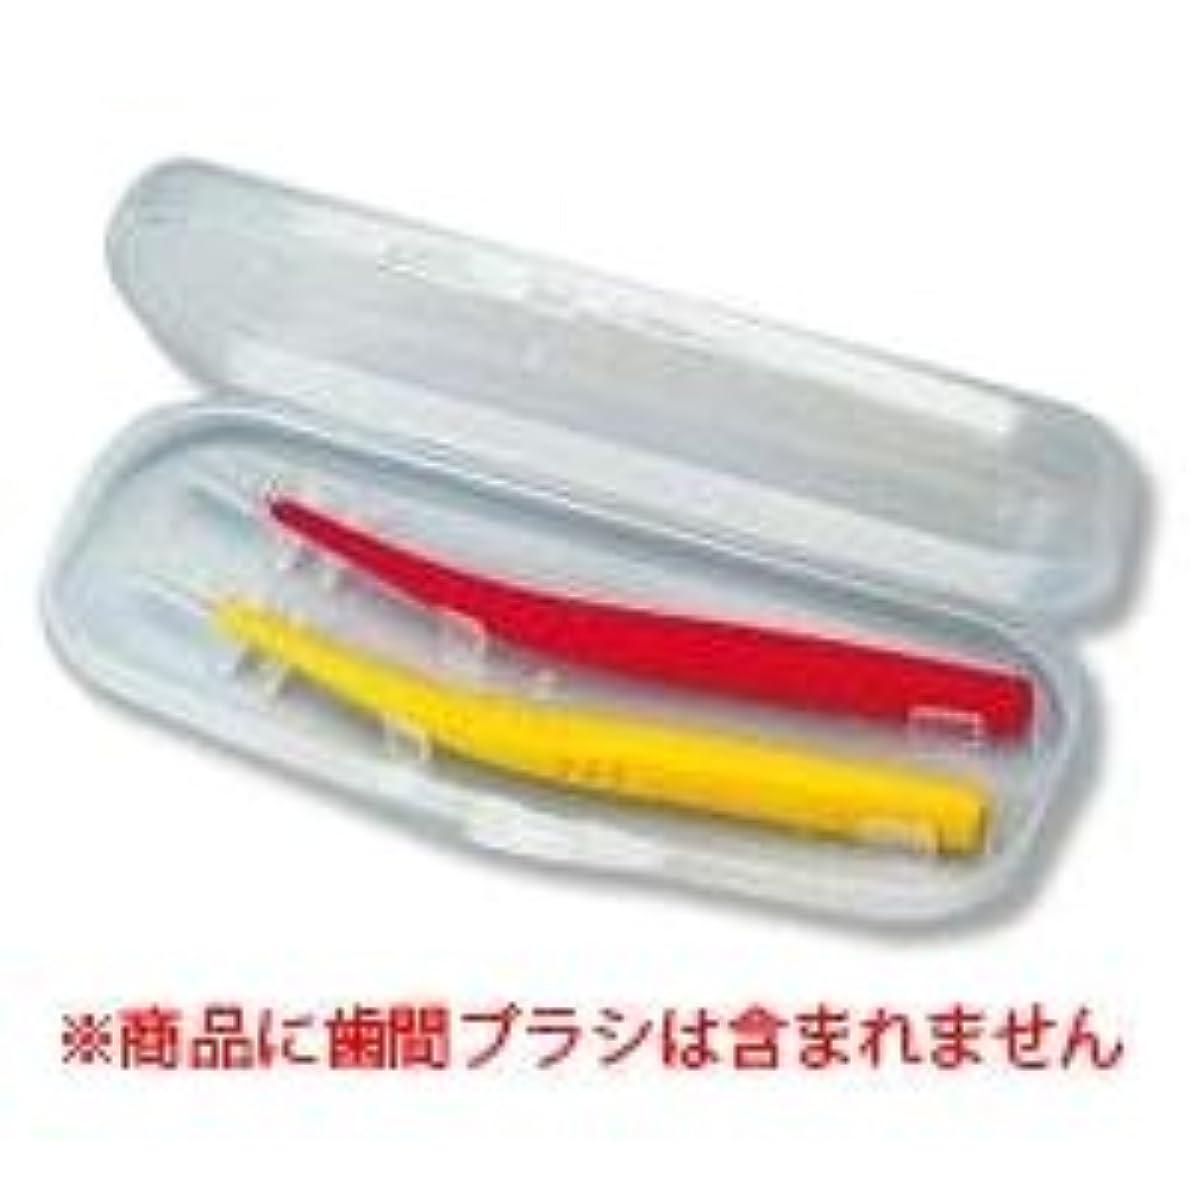 しないでください爆発晩餐【ジーシー(GC)】【歯科用】プロスペック歯間ブラシ カーブ ケース 1個【歯間ブラシケース】